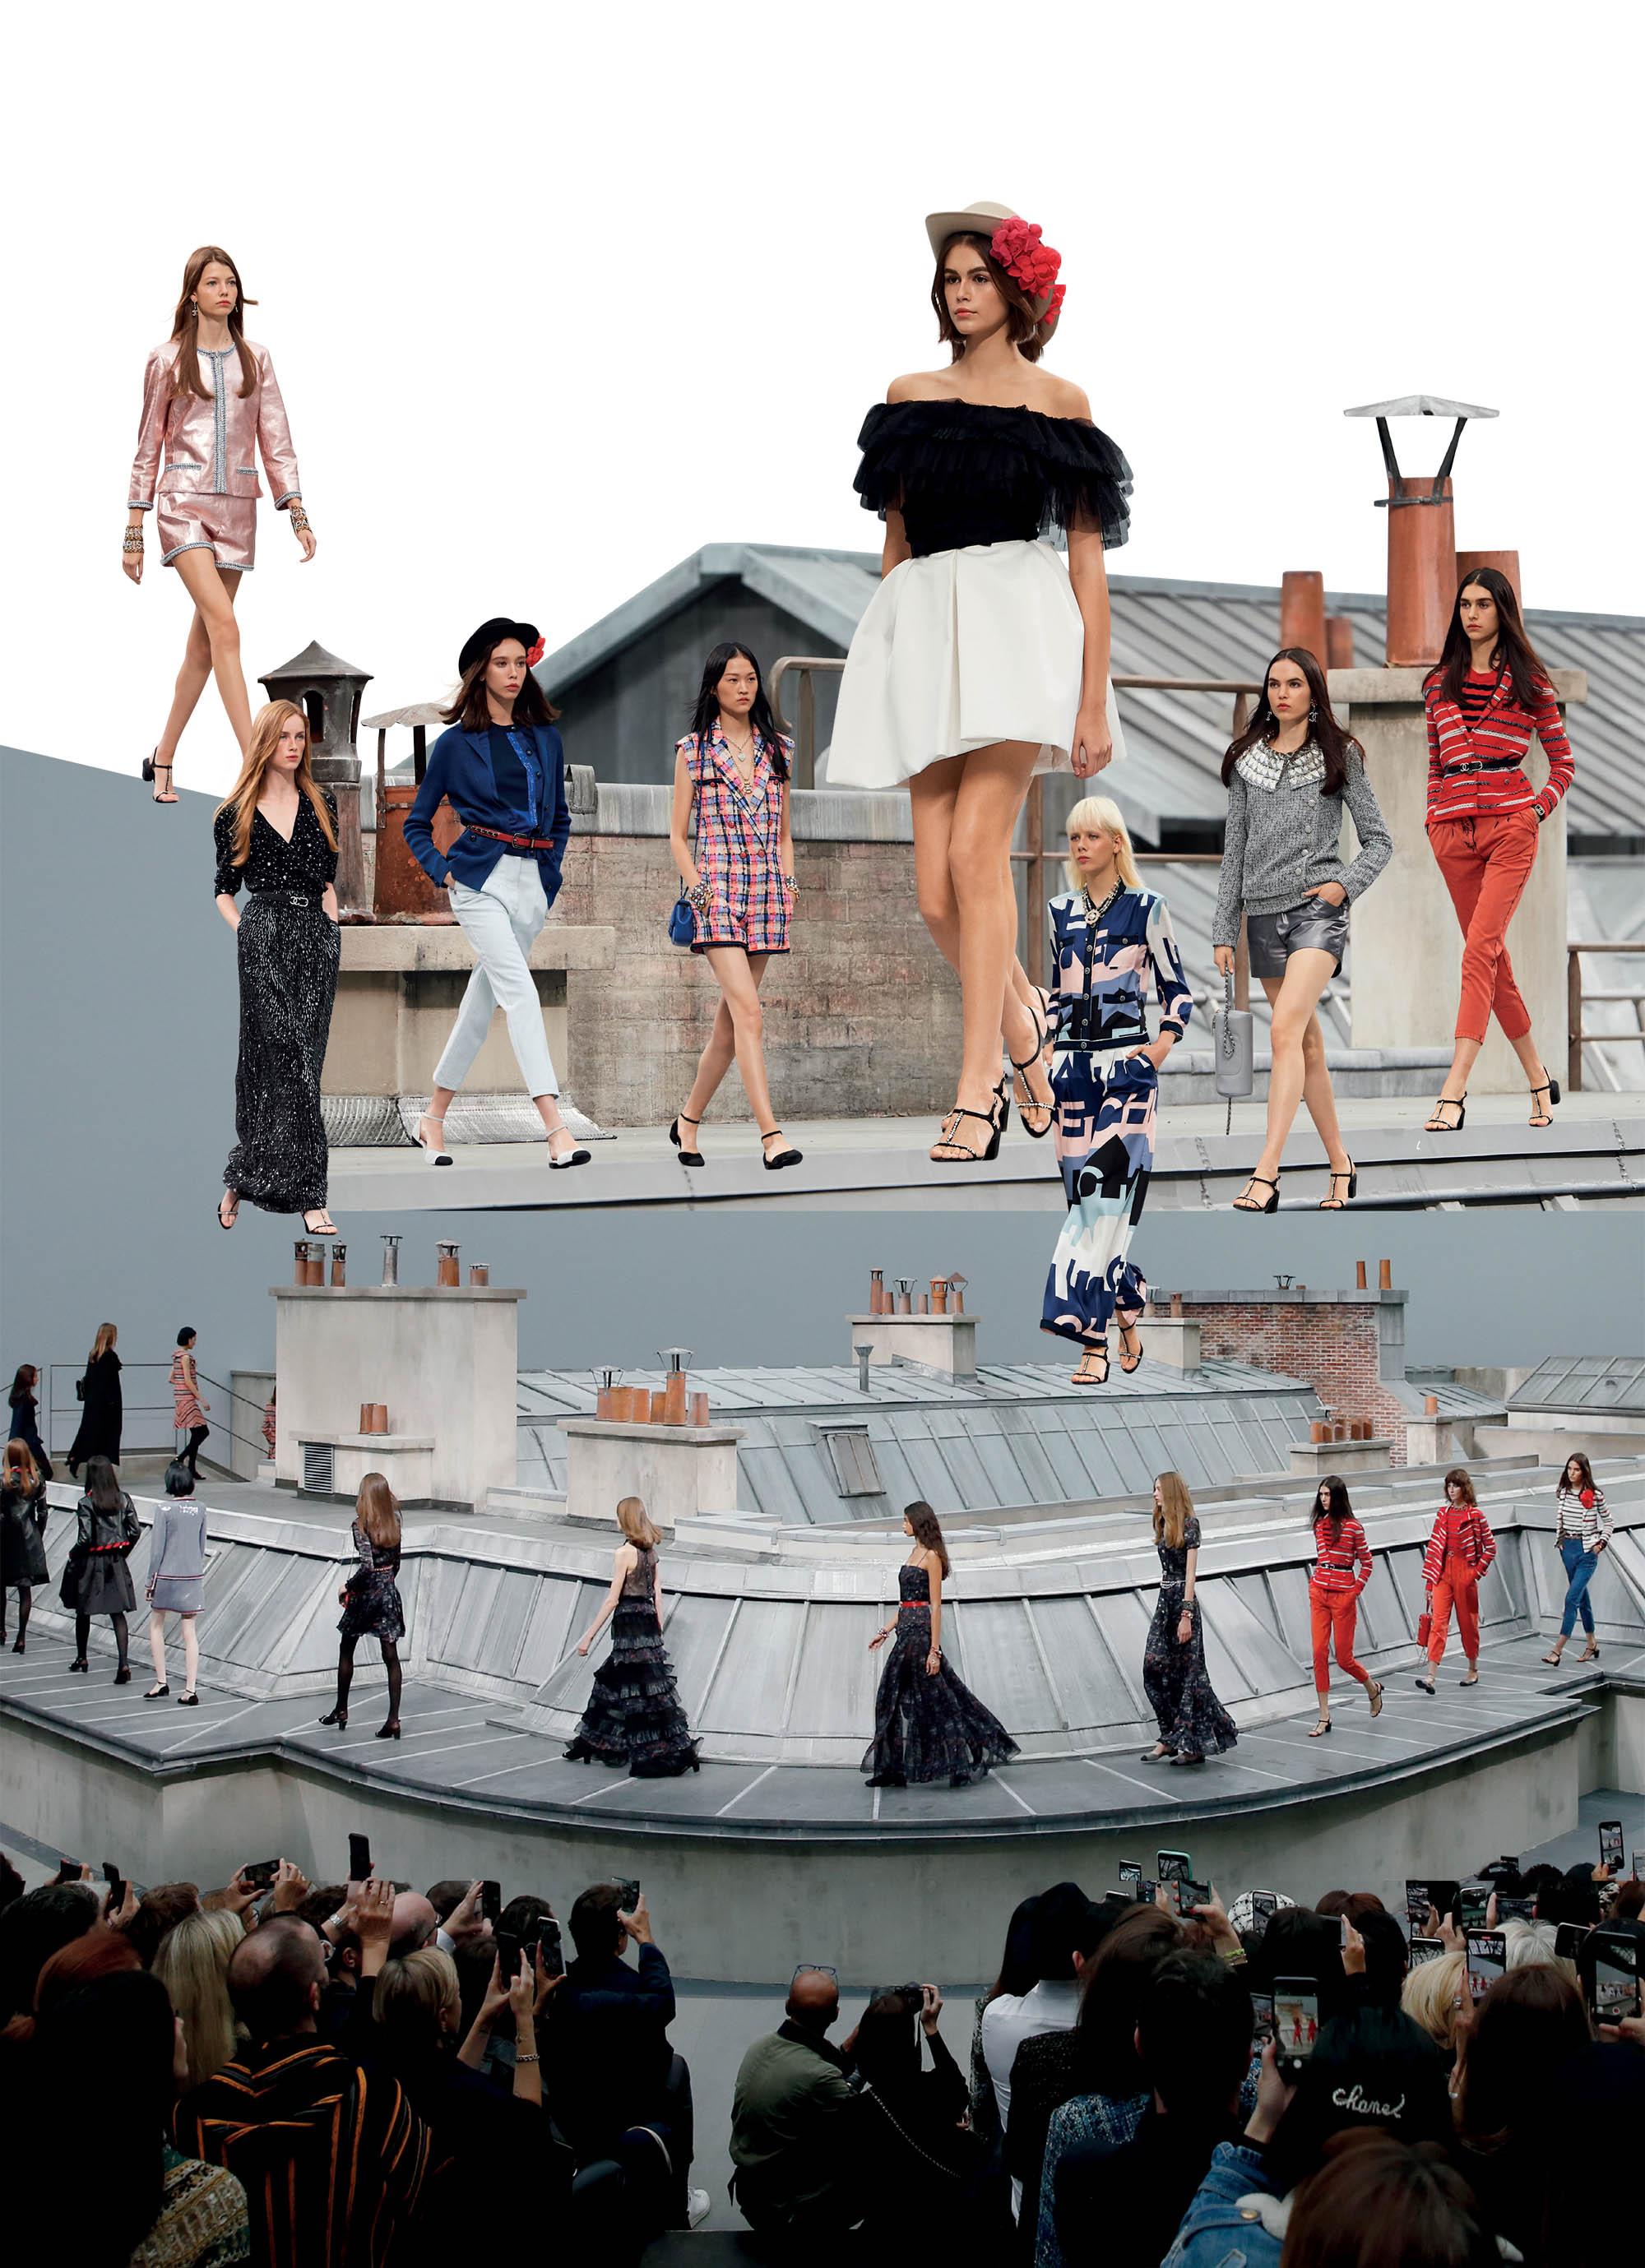 bst thời trang Xuân Hè 2020 Chanel